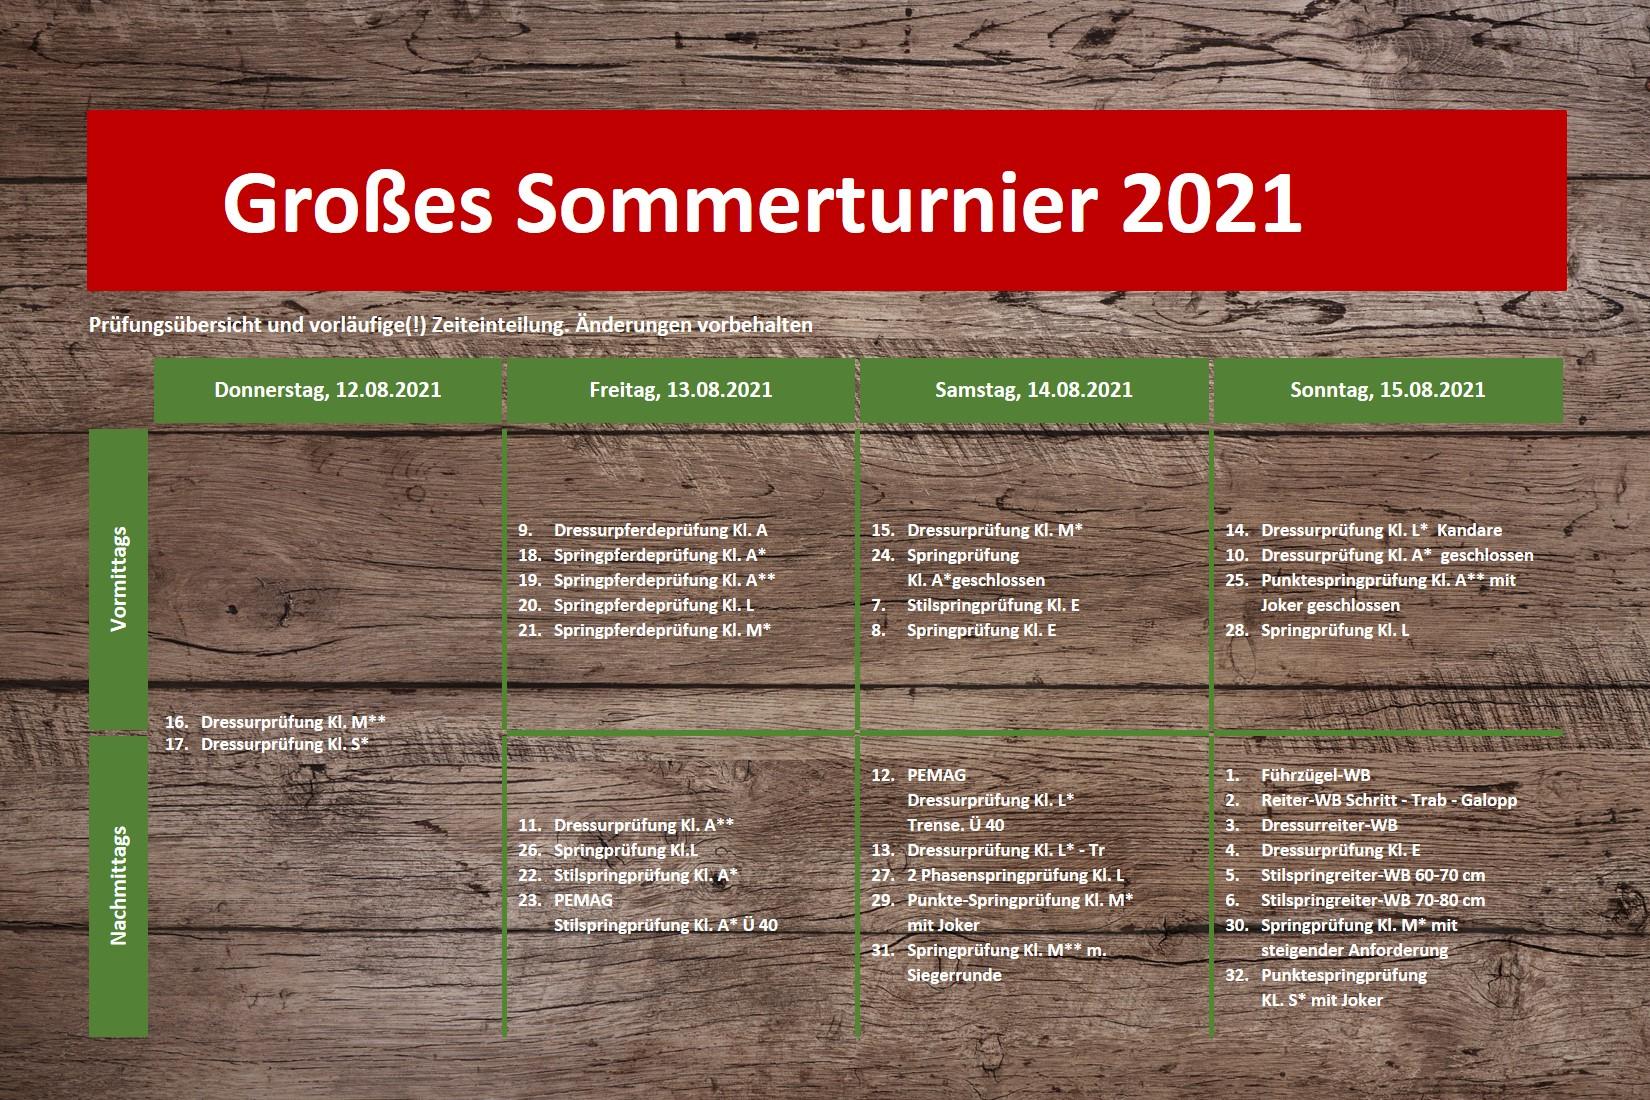 Sommerturnier 2021 Zeiteinteilung